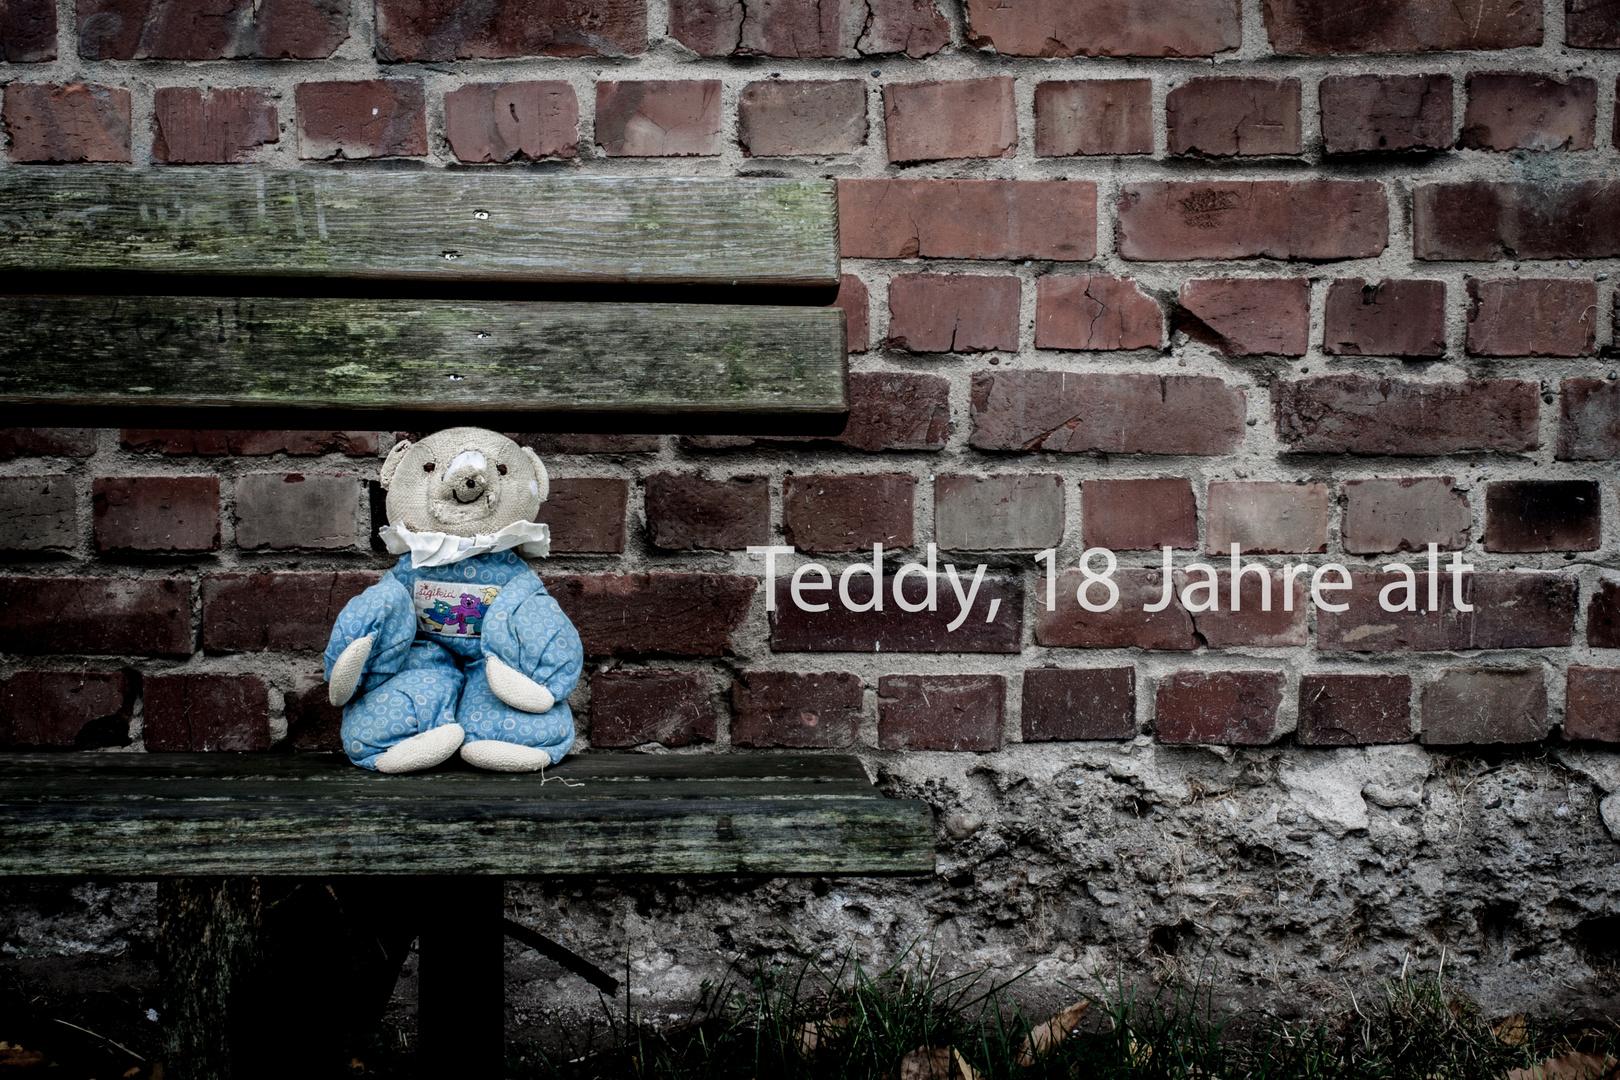 Teddy, 18 Jahre alt